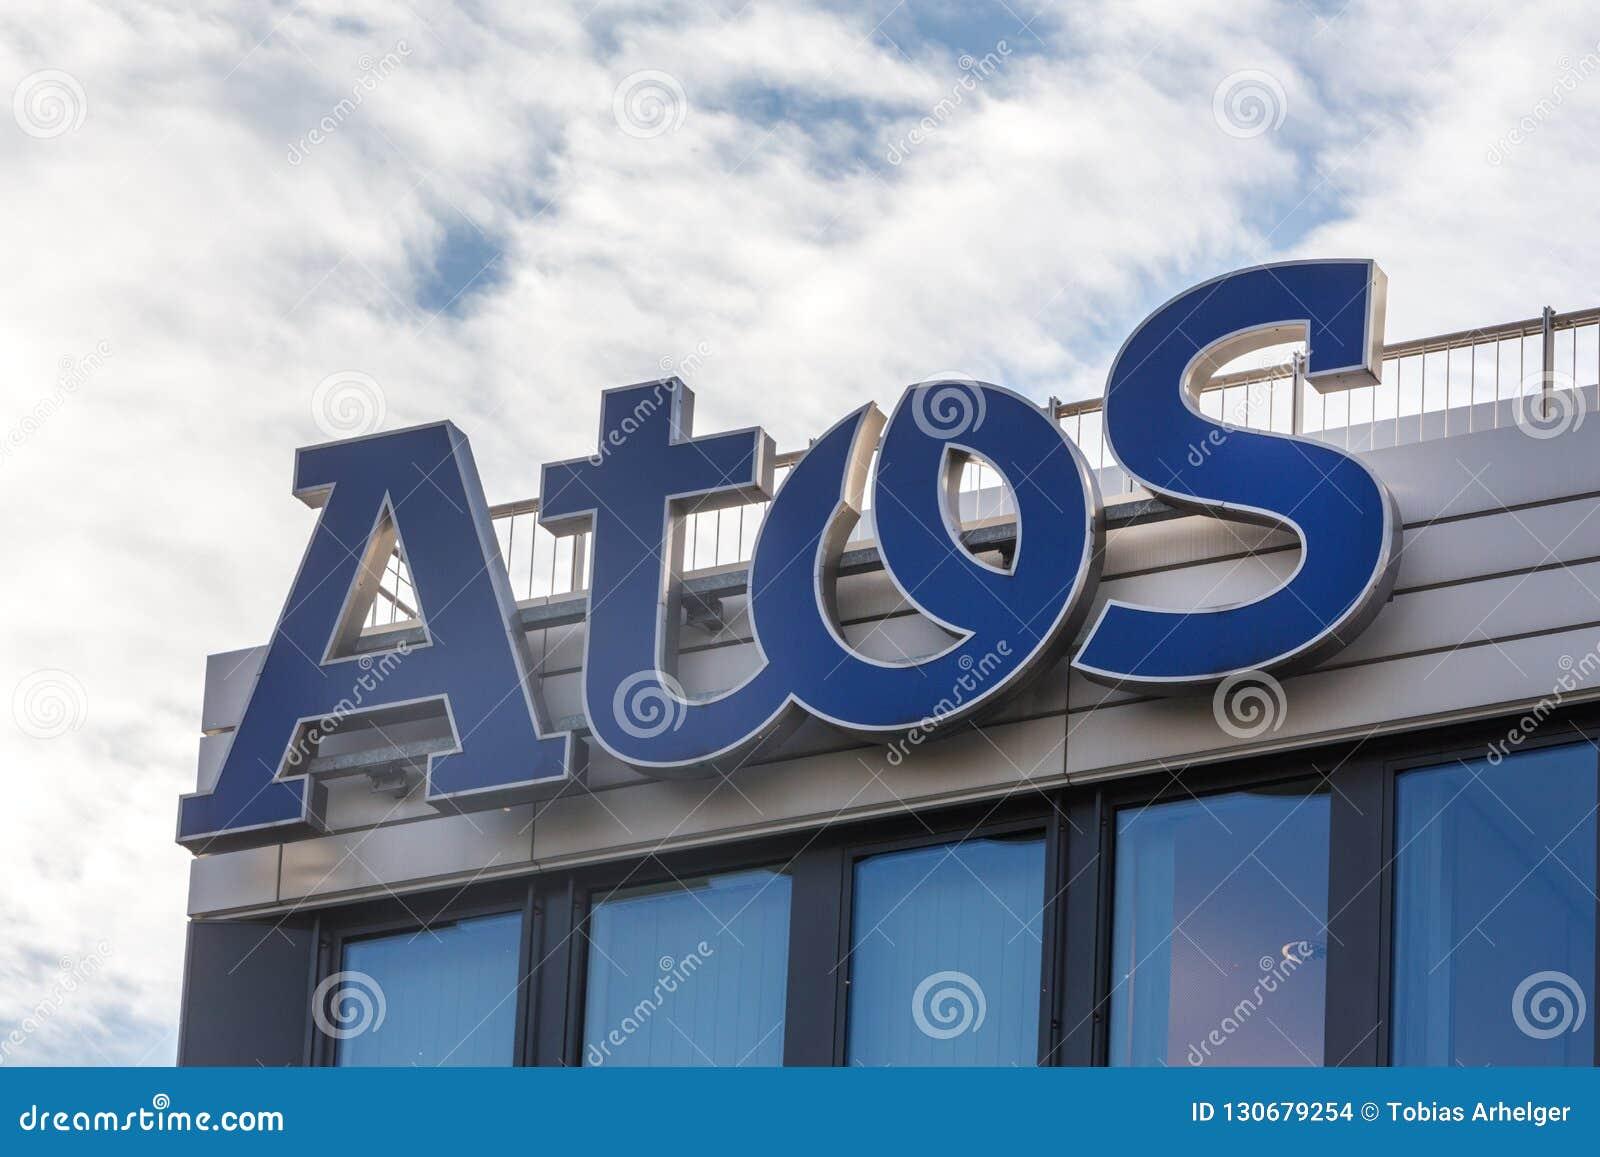 Essen, Nordrhein-Westfalen/Deutschland - 02 11 18: atos unterzeichnen auf einem Gebäude in Essen Deutschland